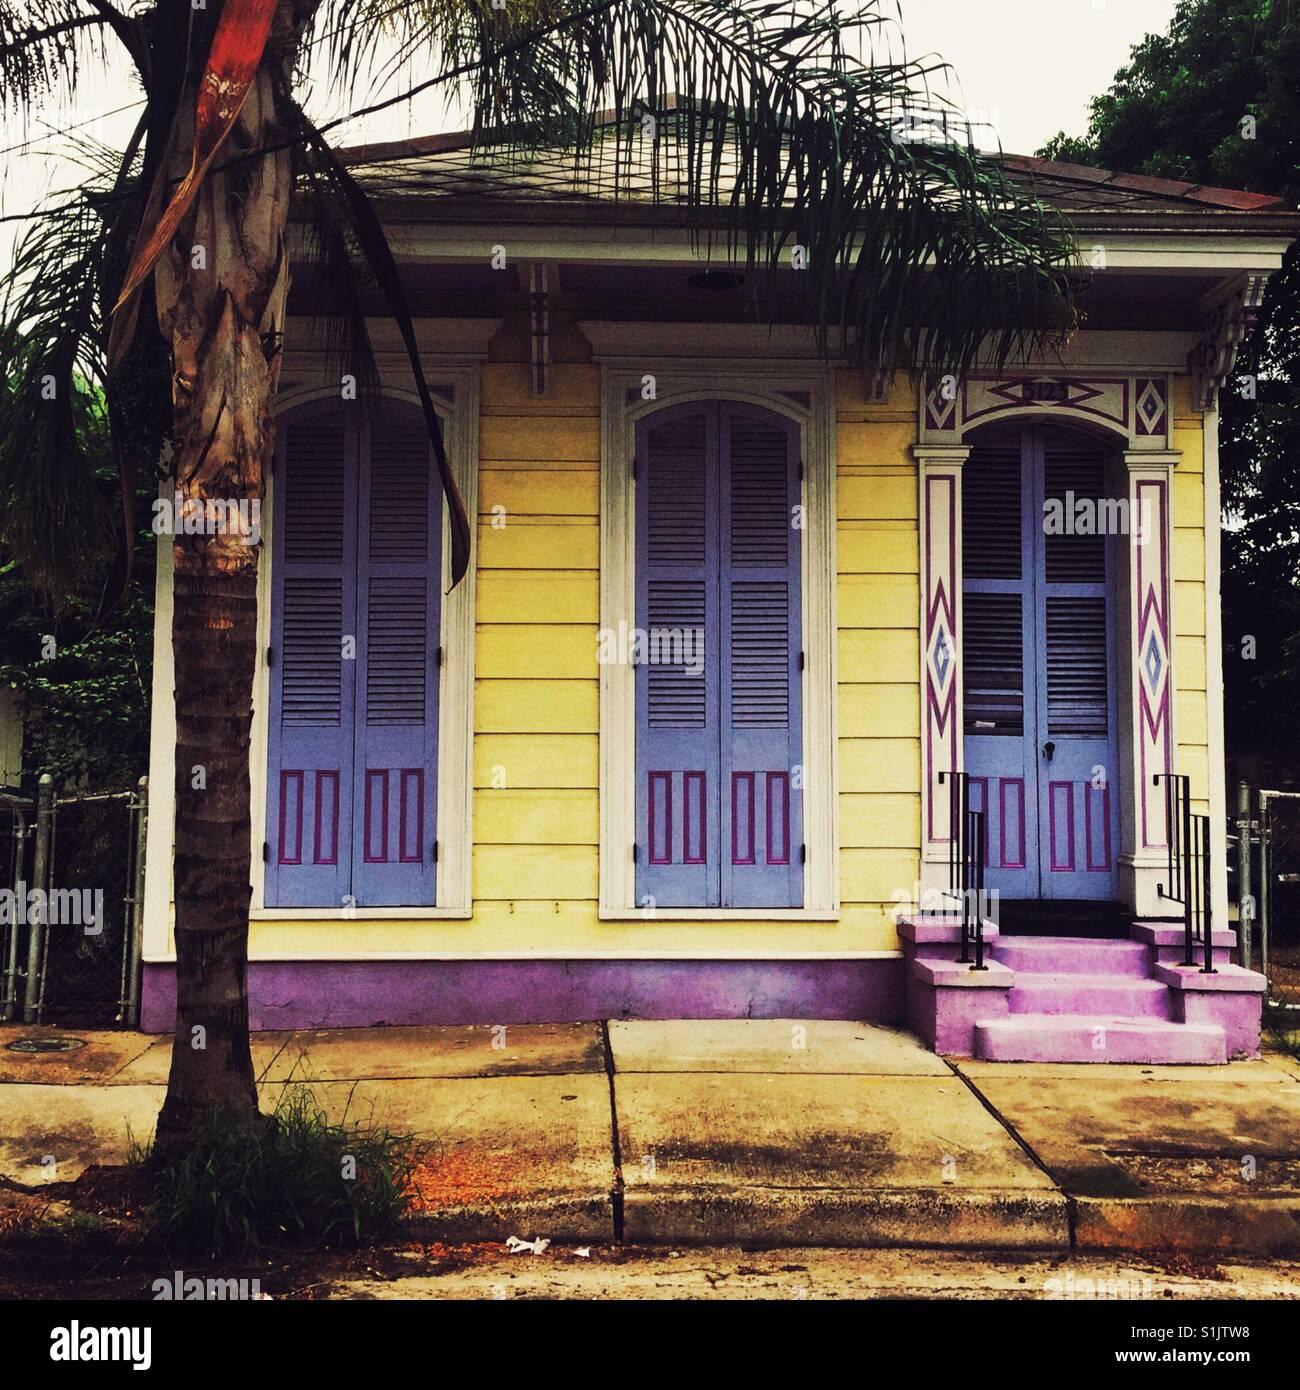 Gelbes Haus mit violetten Schattierungen in New Orleans Stockbild